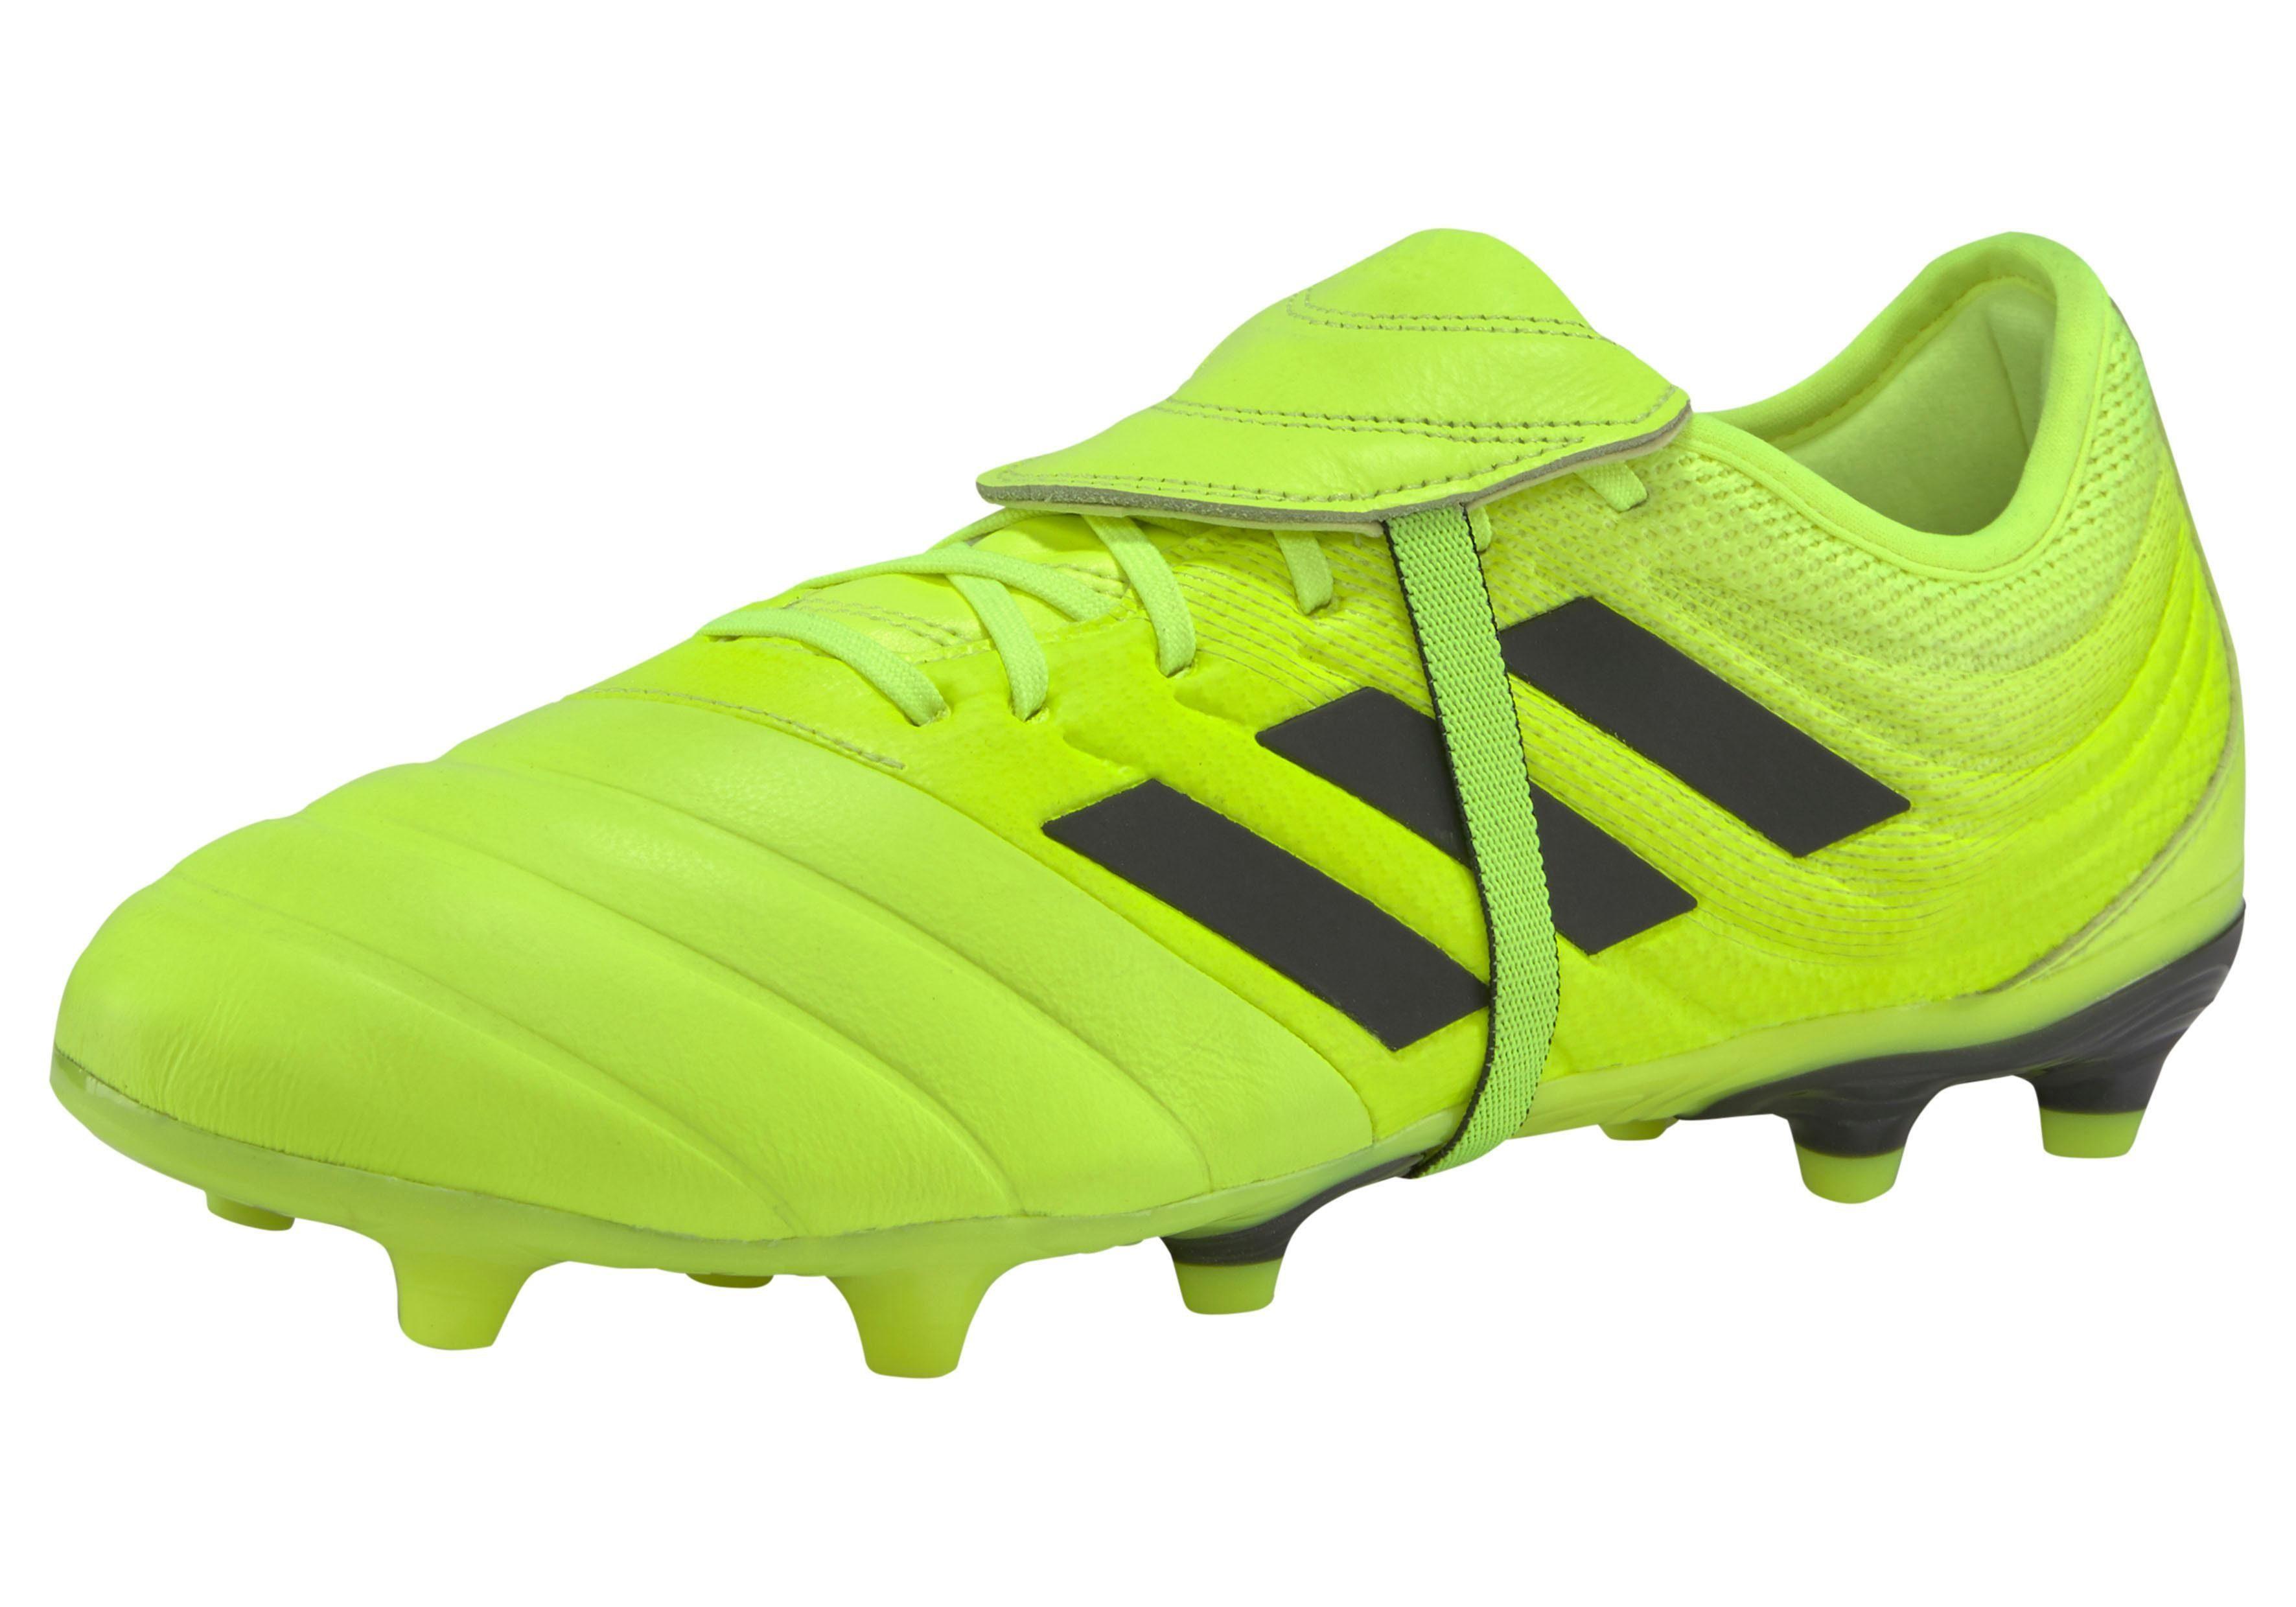 adidas Performance »Copa Gloro 19.2 FG« Fußballschuh online kaufen   OTTO